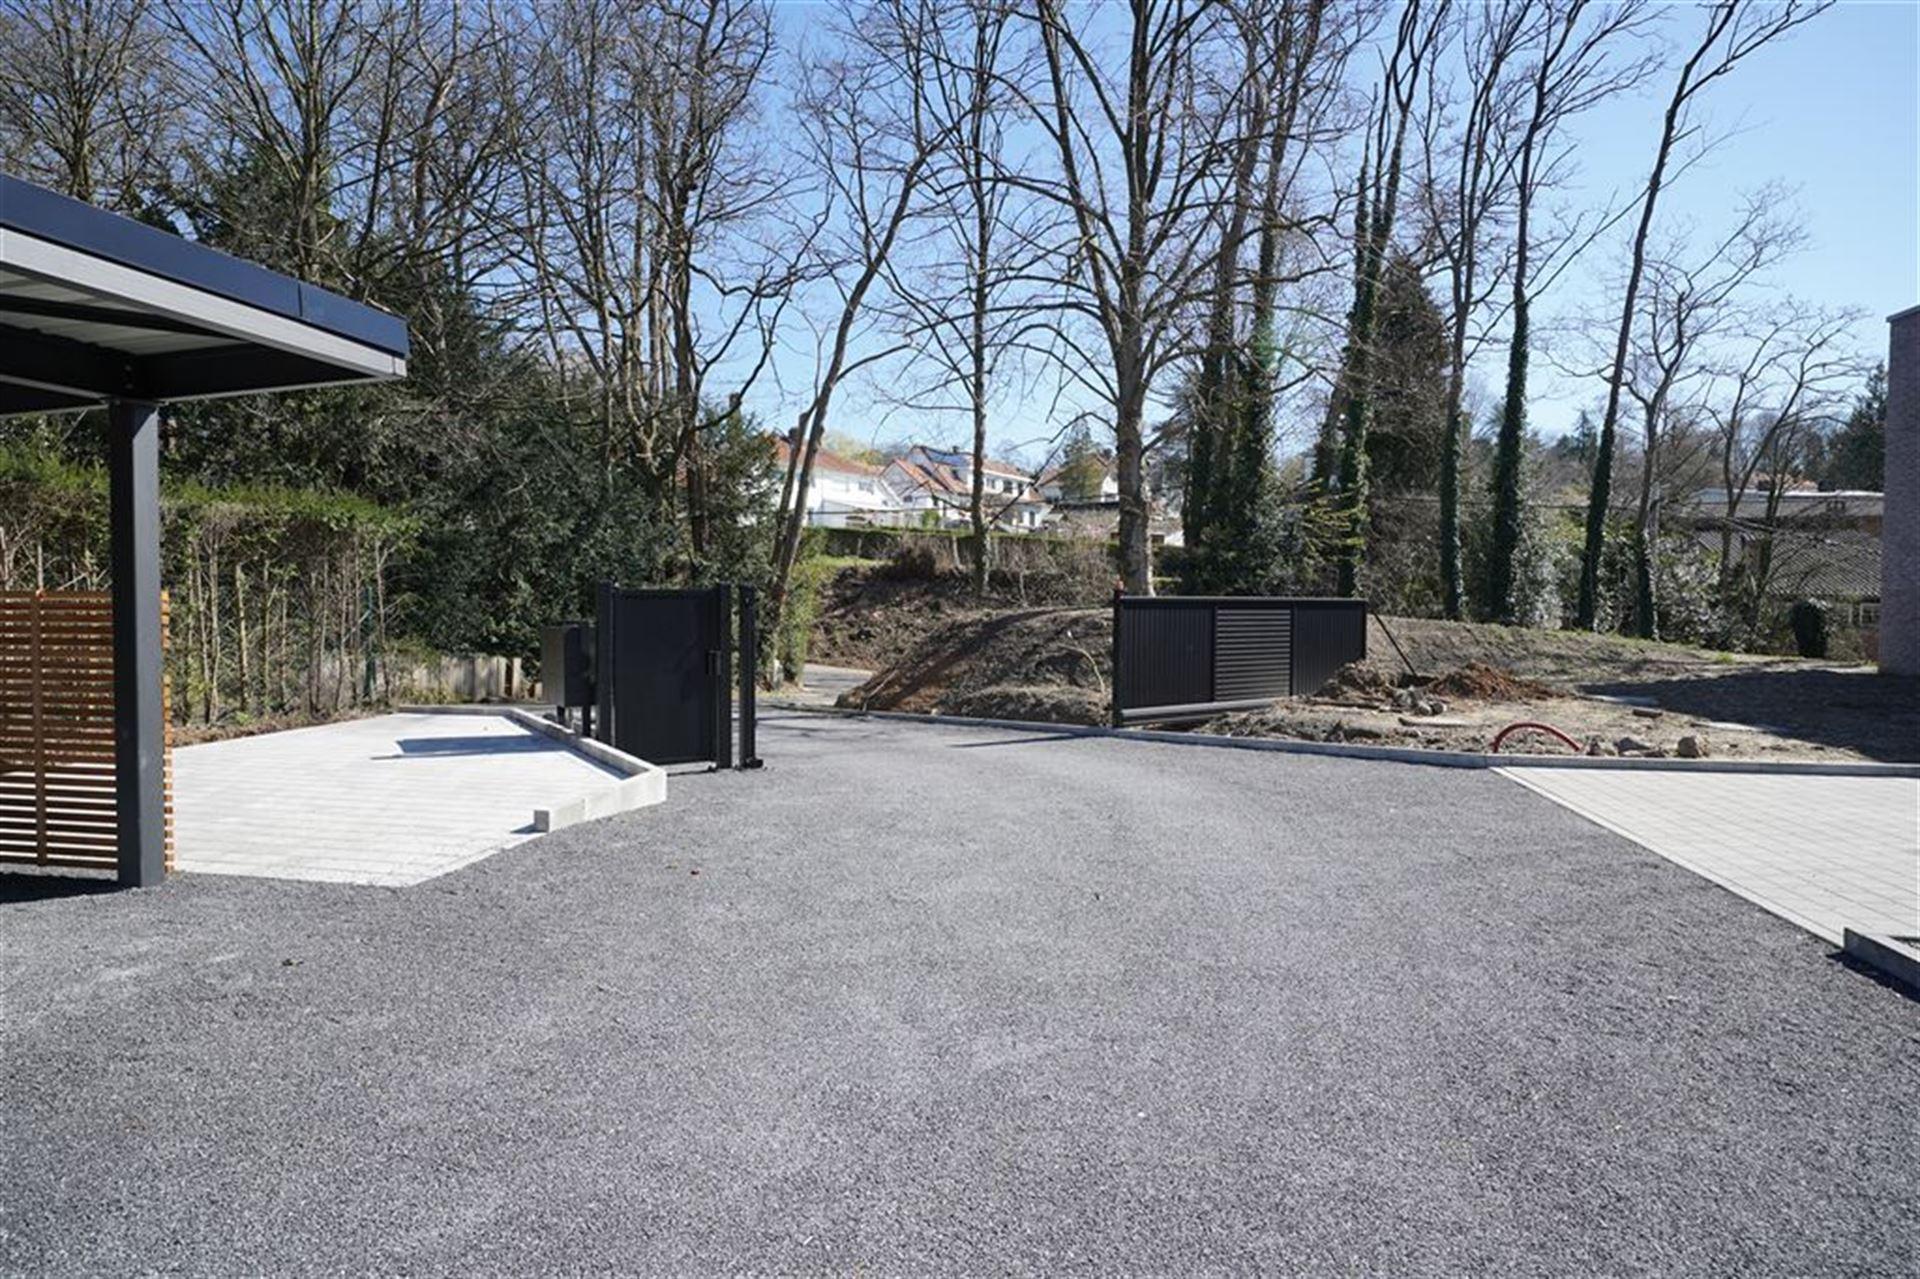 RESIDENCE ALBERT 1ER - EMBOURG - 4053 EMBOURG